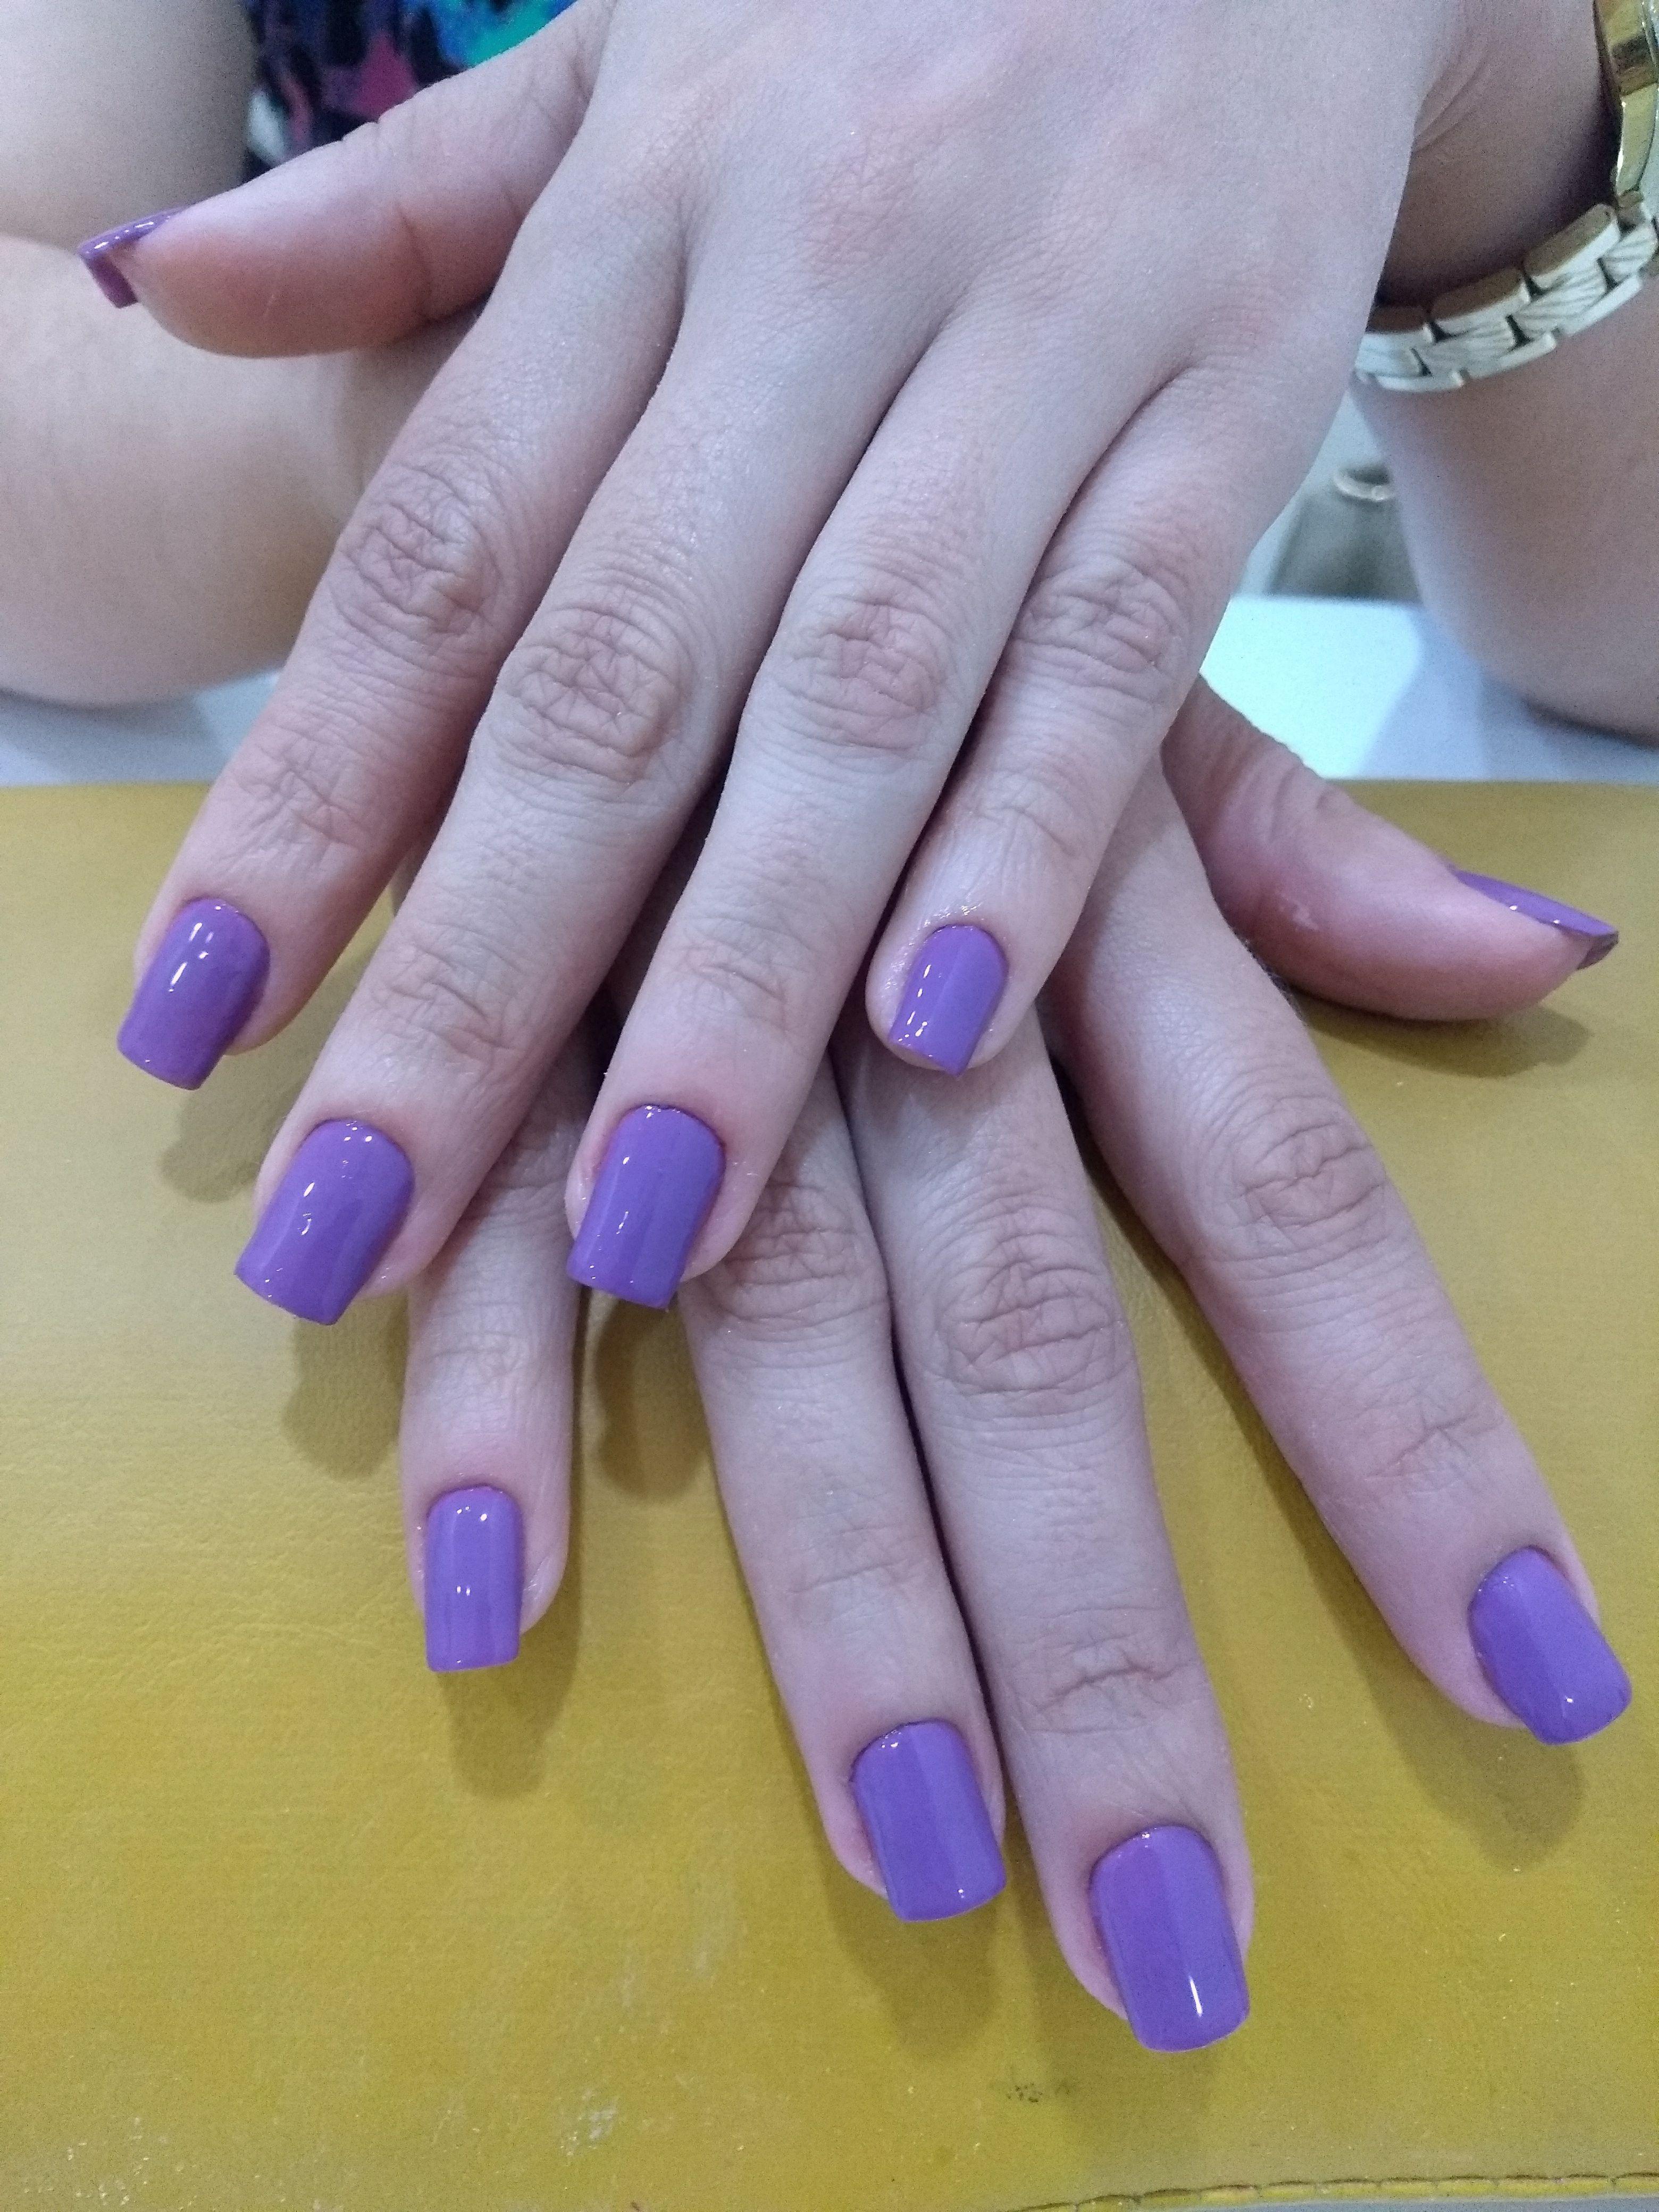 unha manicure e pedicure